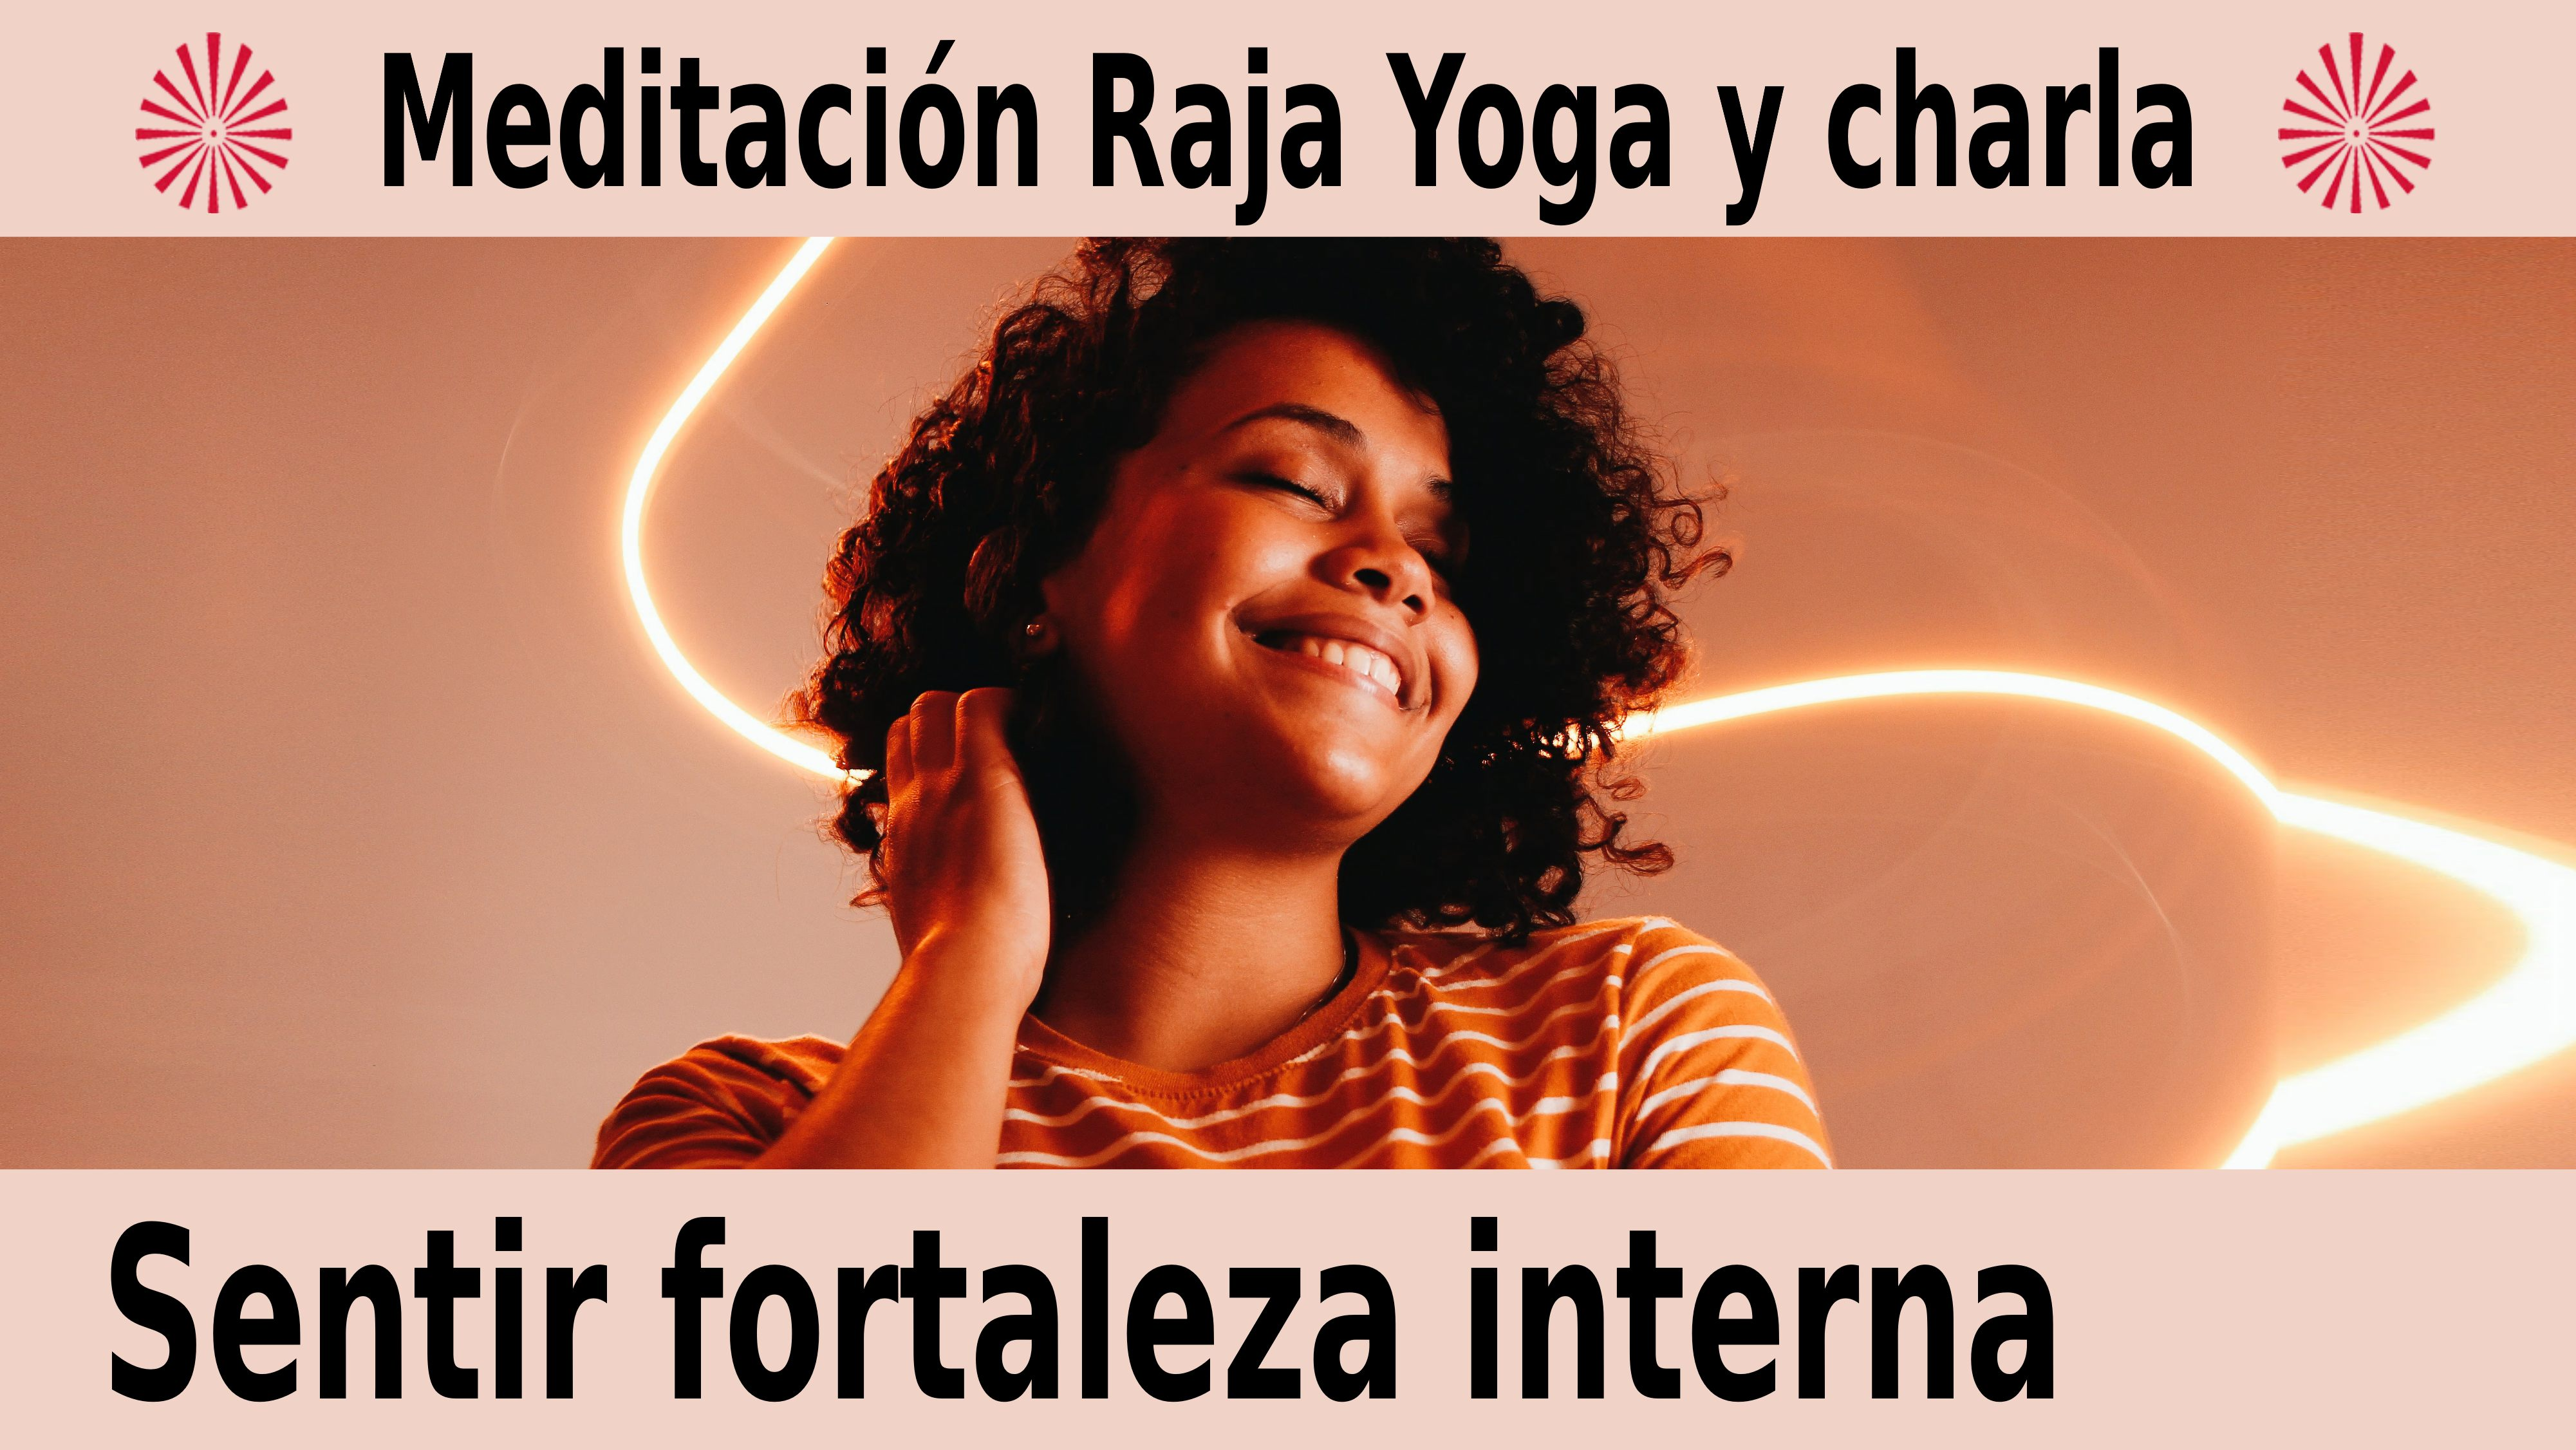 15 Diciembre 2020  Meditación guiada: Sentir fortaleza interna